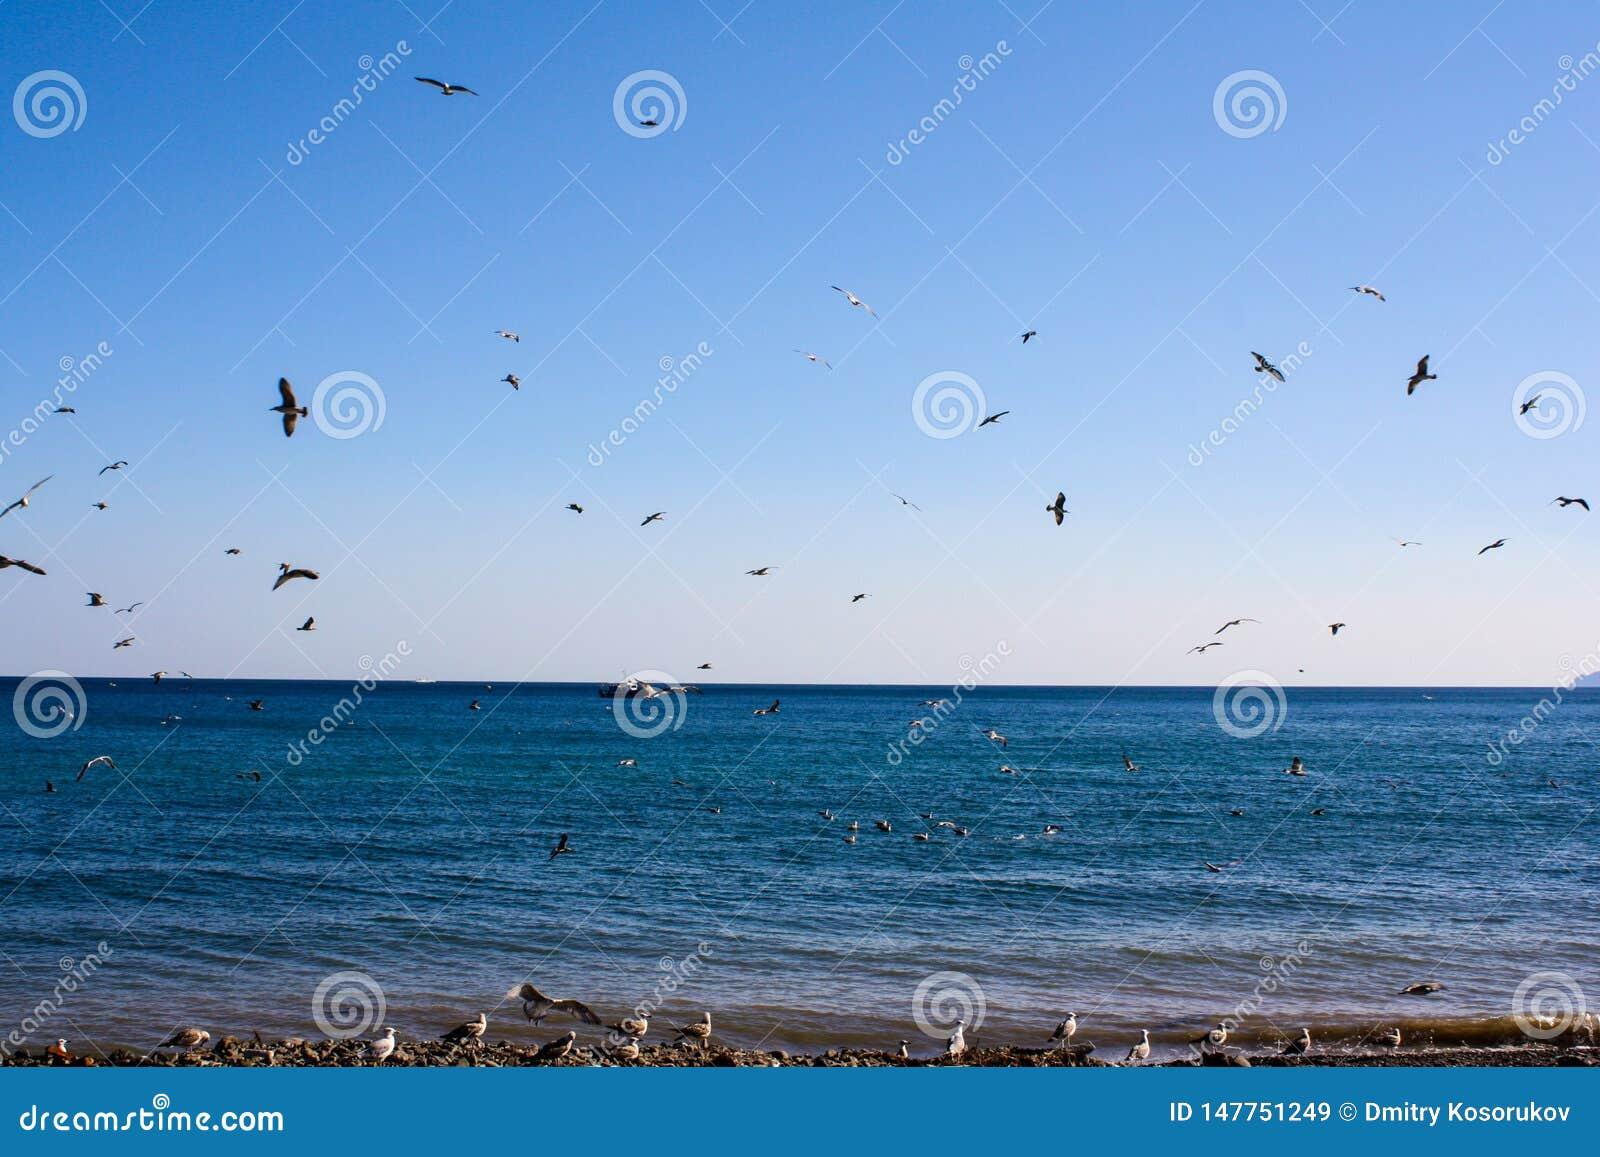 Vögel fliegen durch das Meer